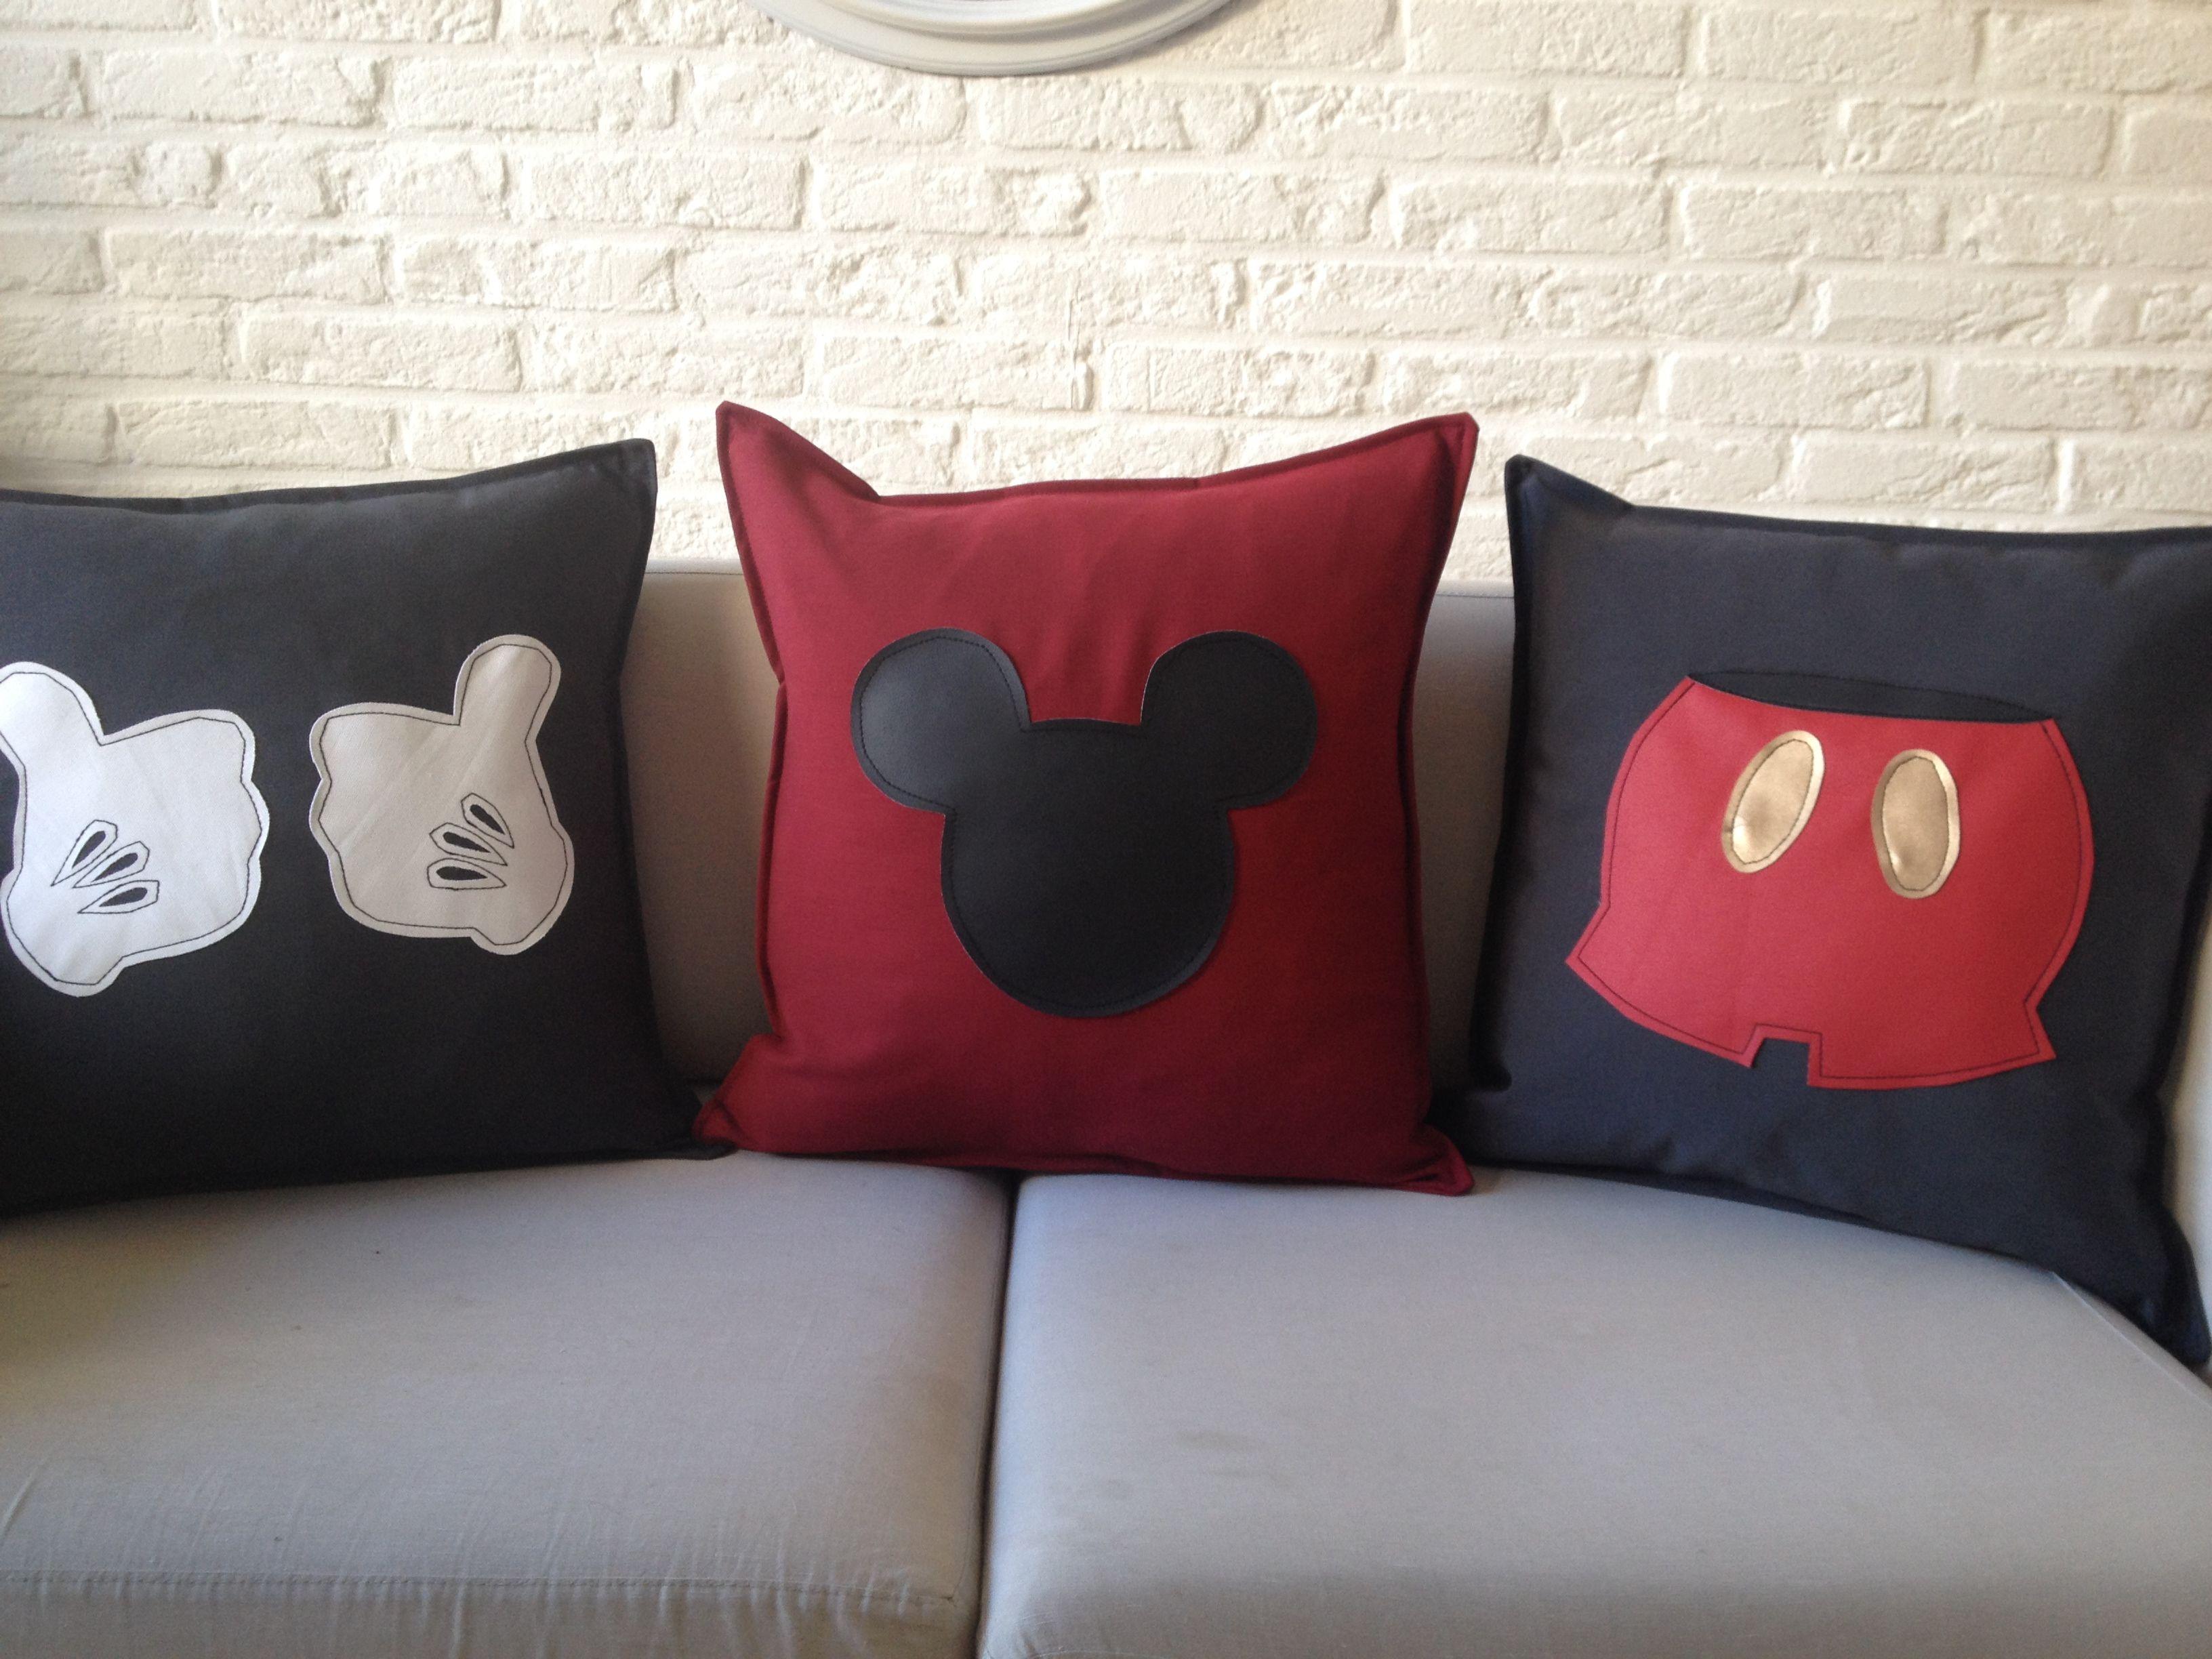 Vulling Voor Kussens : Mickey mouse kussens in de maat incl vulling